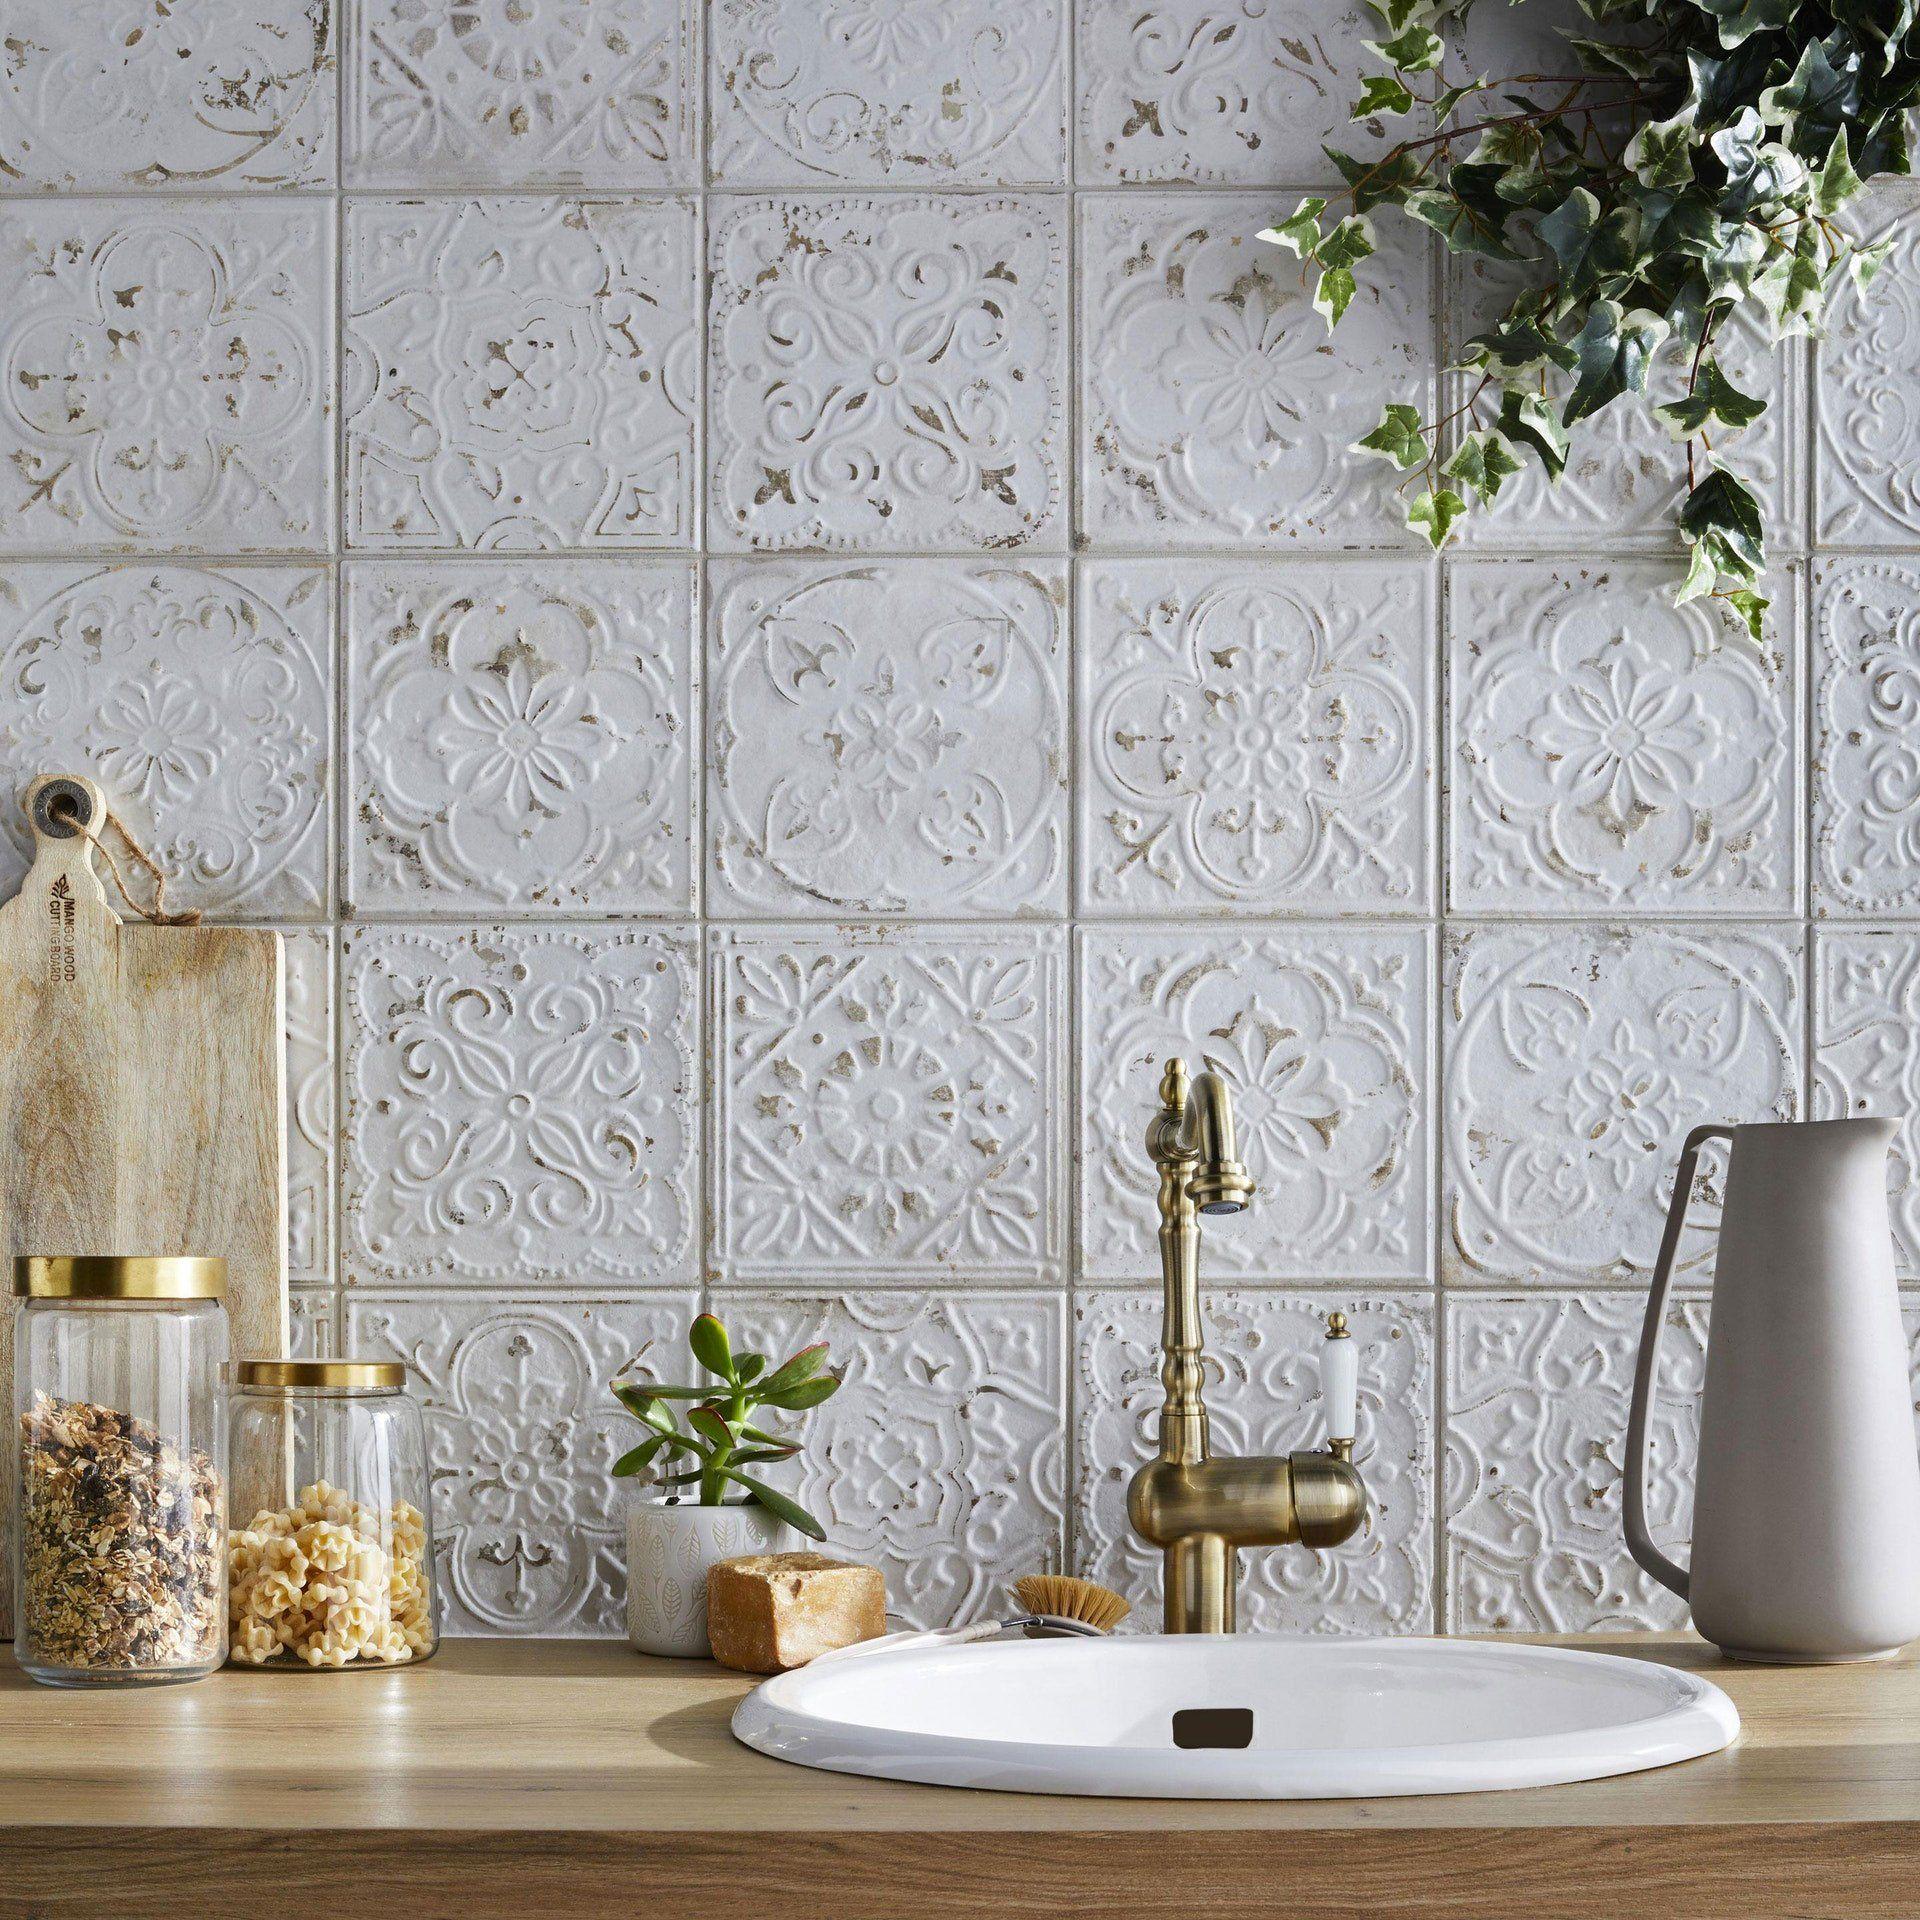 Carrelage Mural Et Faience Cuisine 14 Modeles Tendance Sol Carreaux De Ciment Ciment Blanc Et Carreaux De Ciment Mural